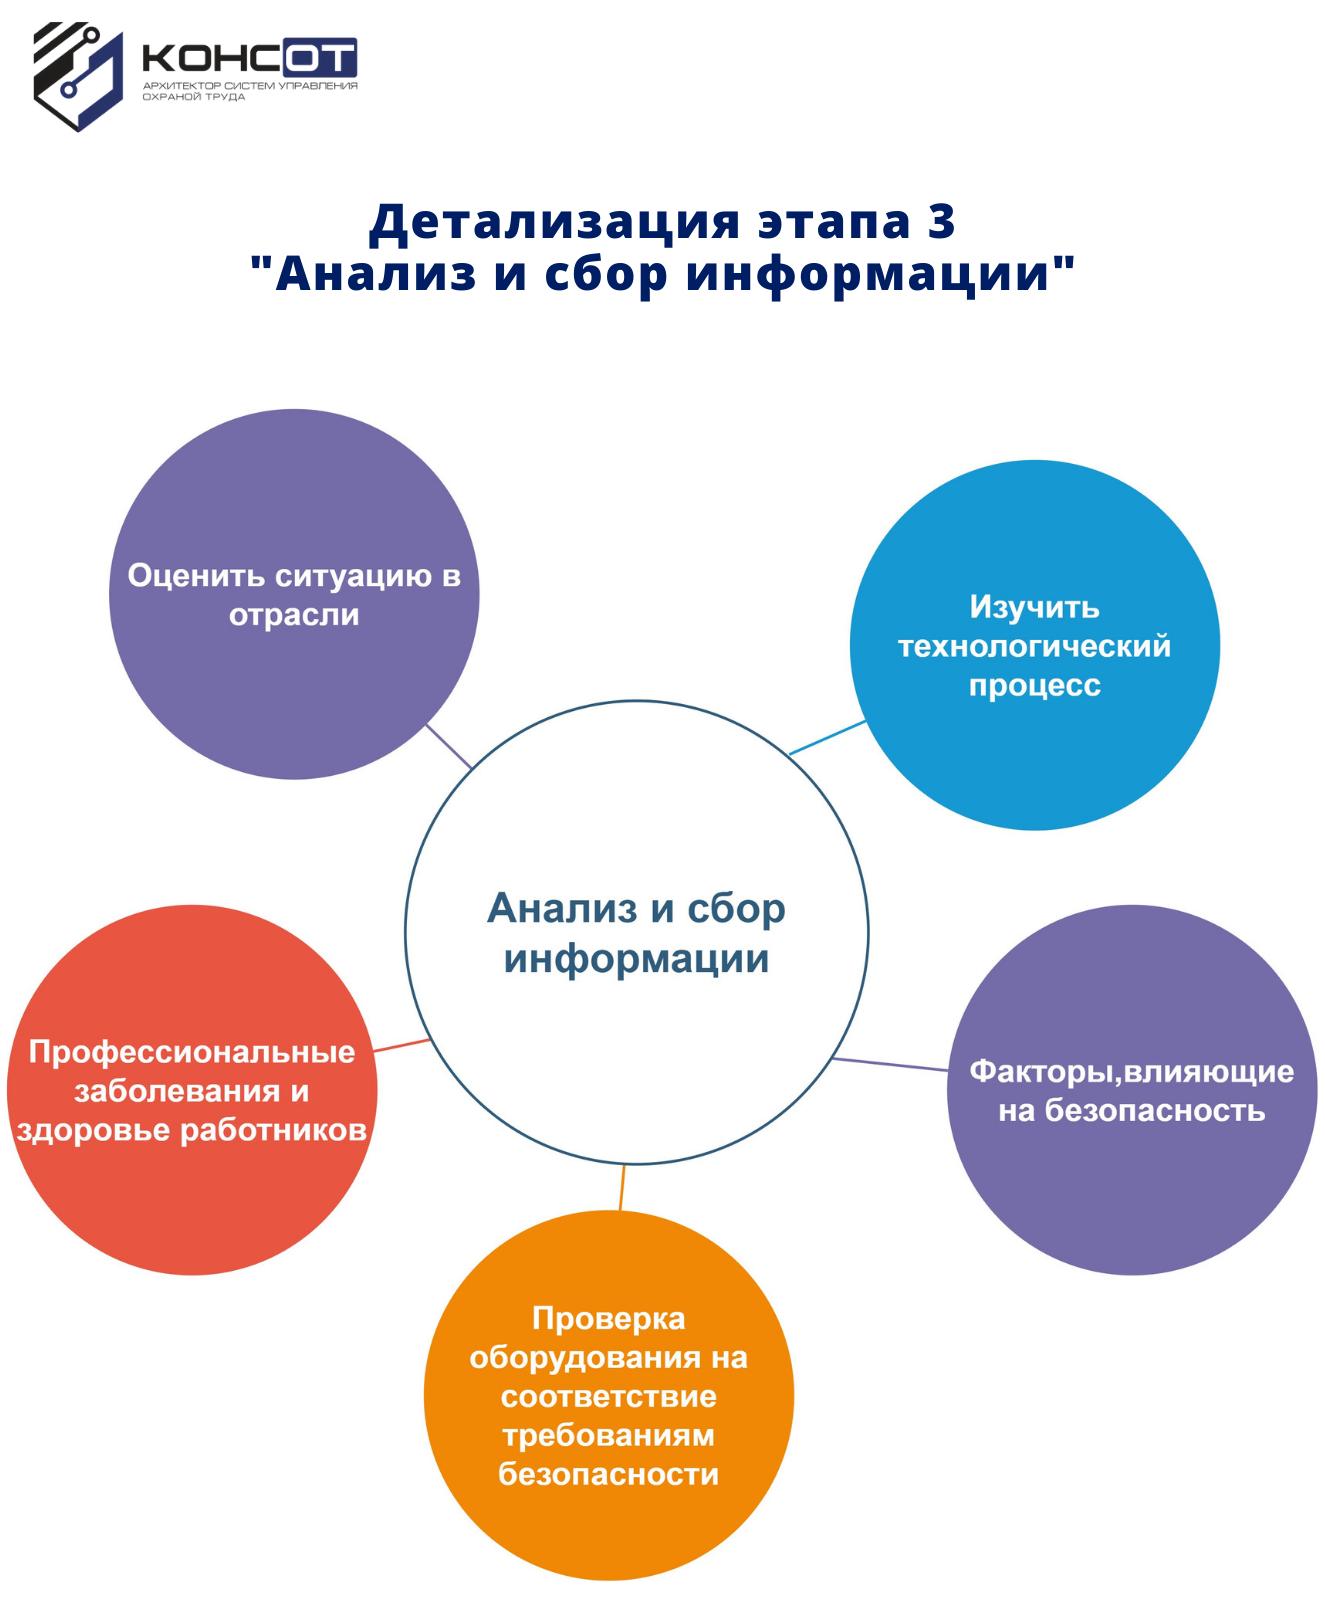 Детализация этапа 3 _Анализ и сбор информации